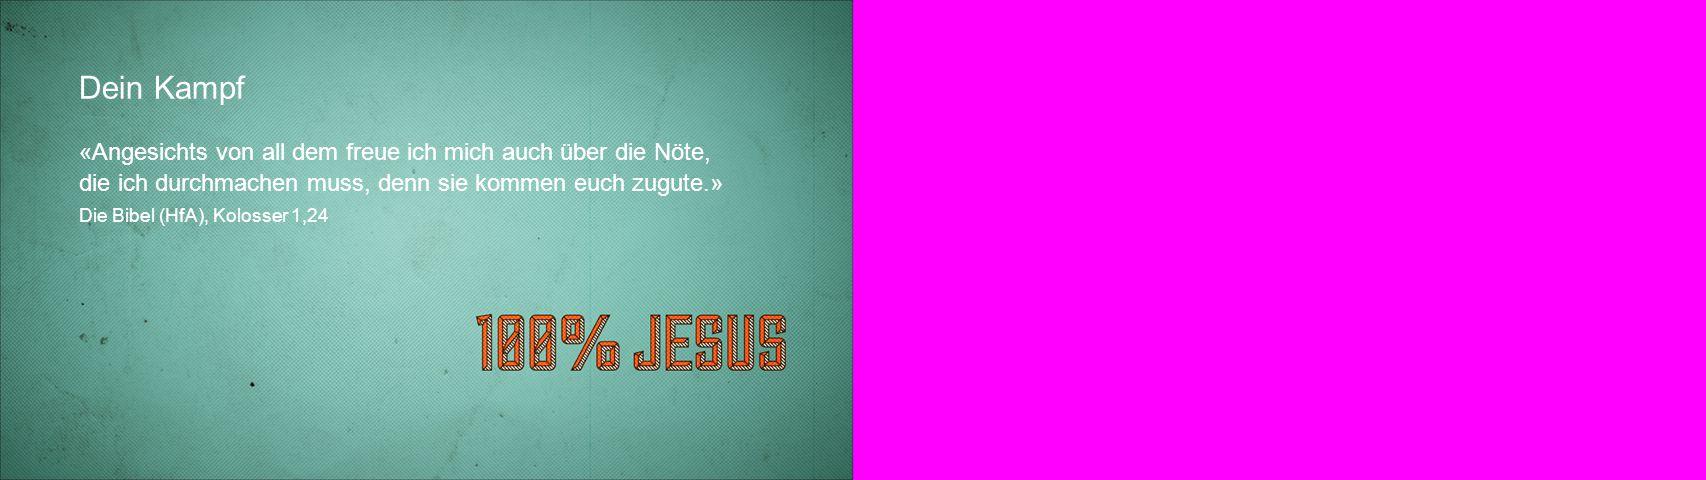 Dein Kampf «Angesichts von all dem freue ich mich auch über die Nöte, die ich durchmachen muss, denn sie kommen euch zugute.» Die Bibel (HfA), Kolosse